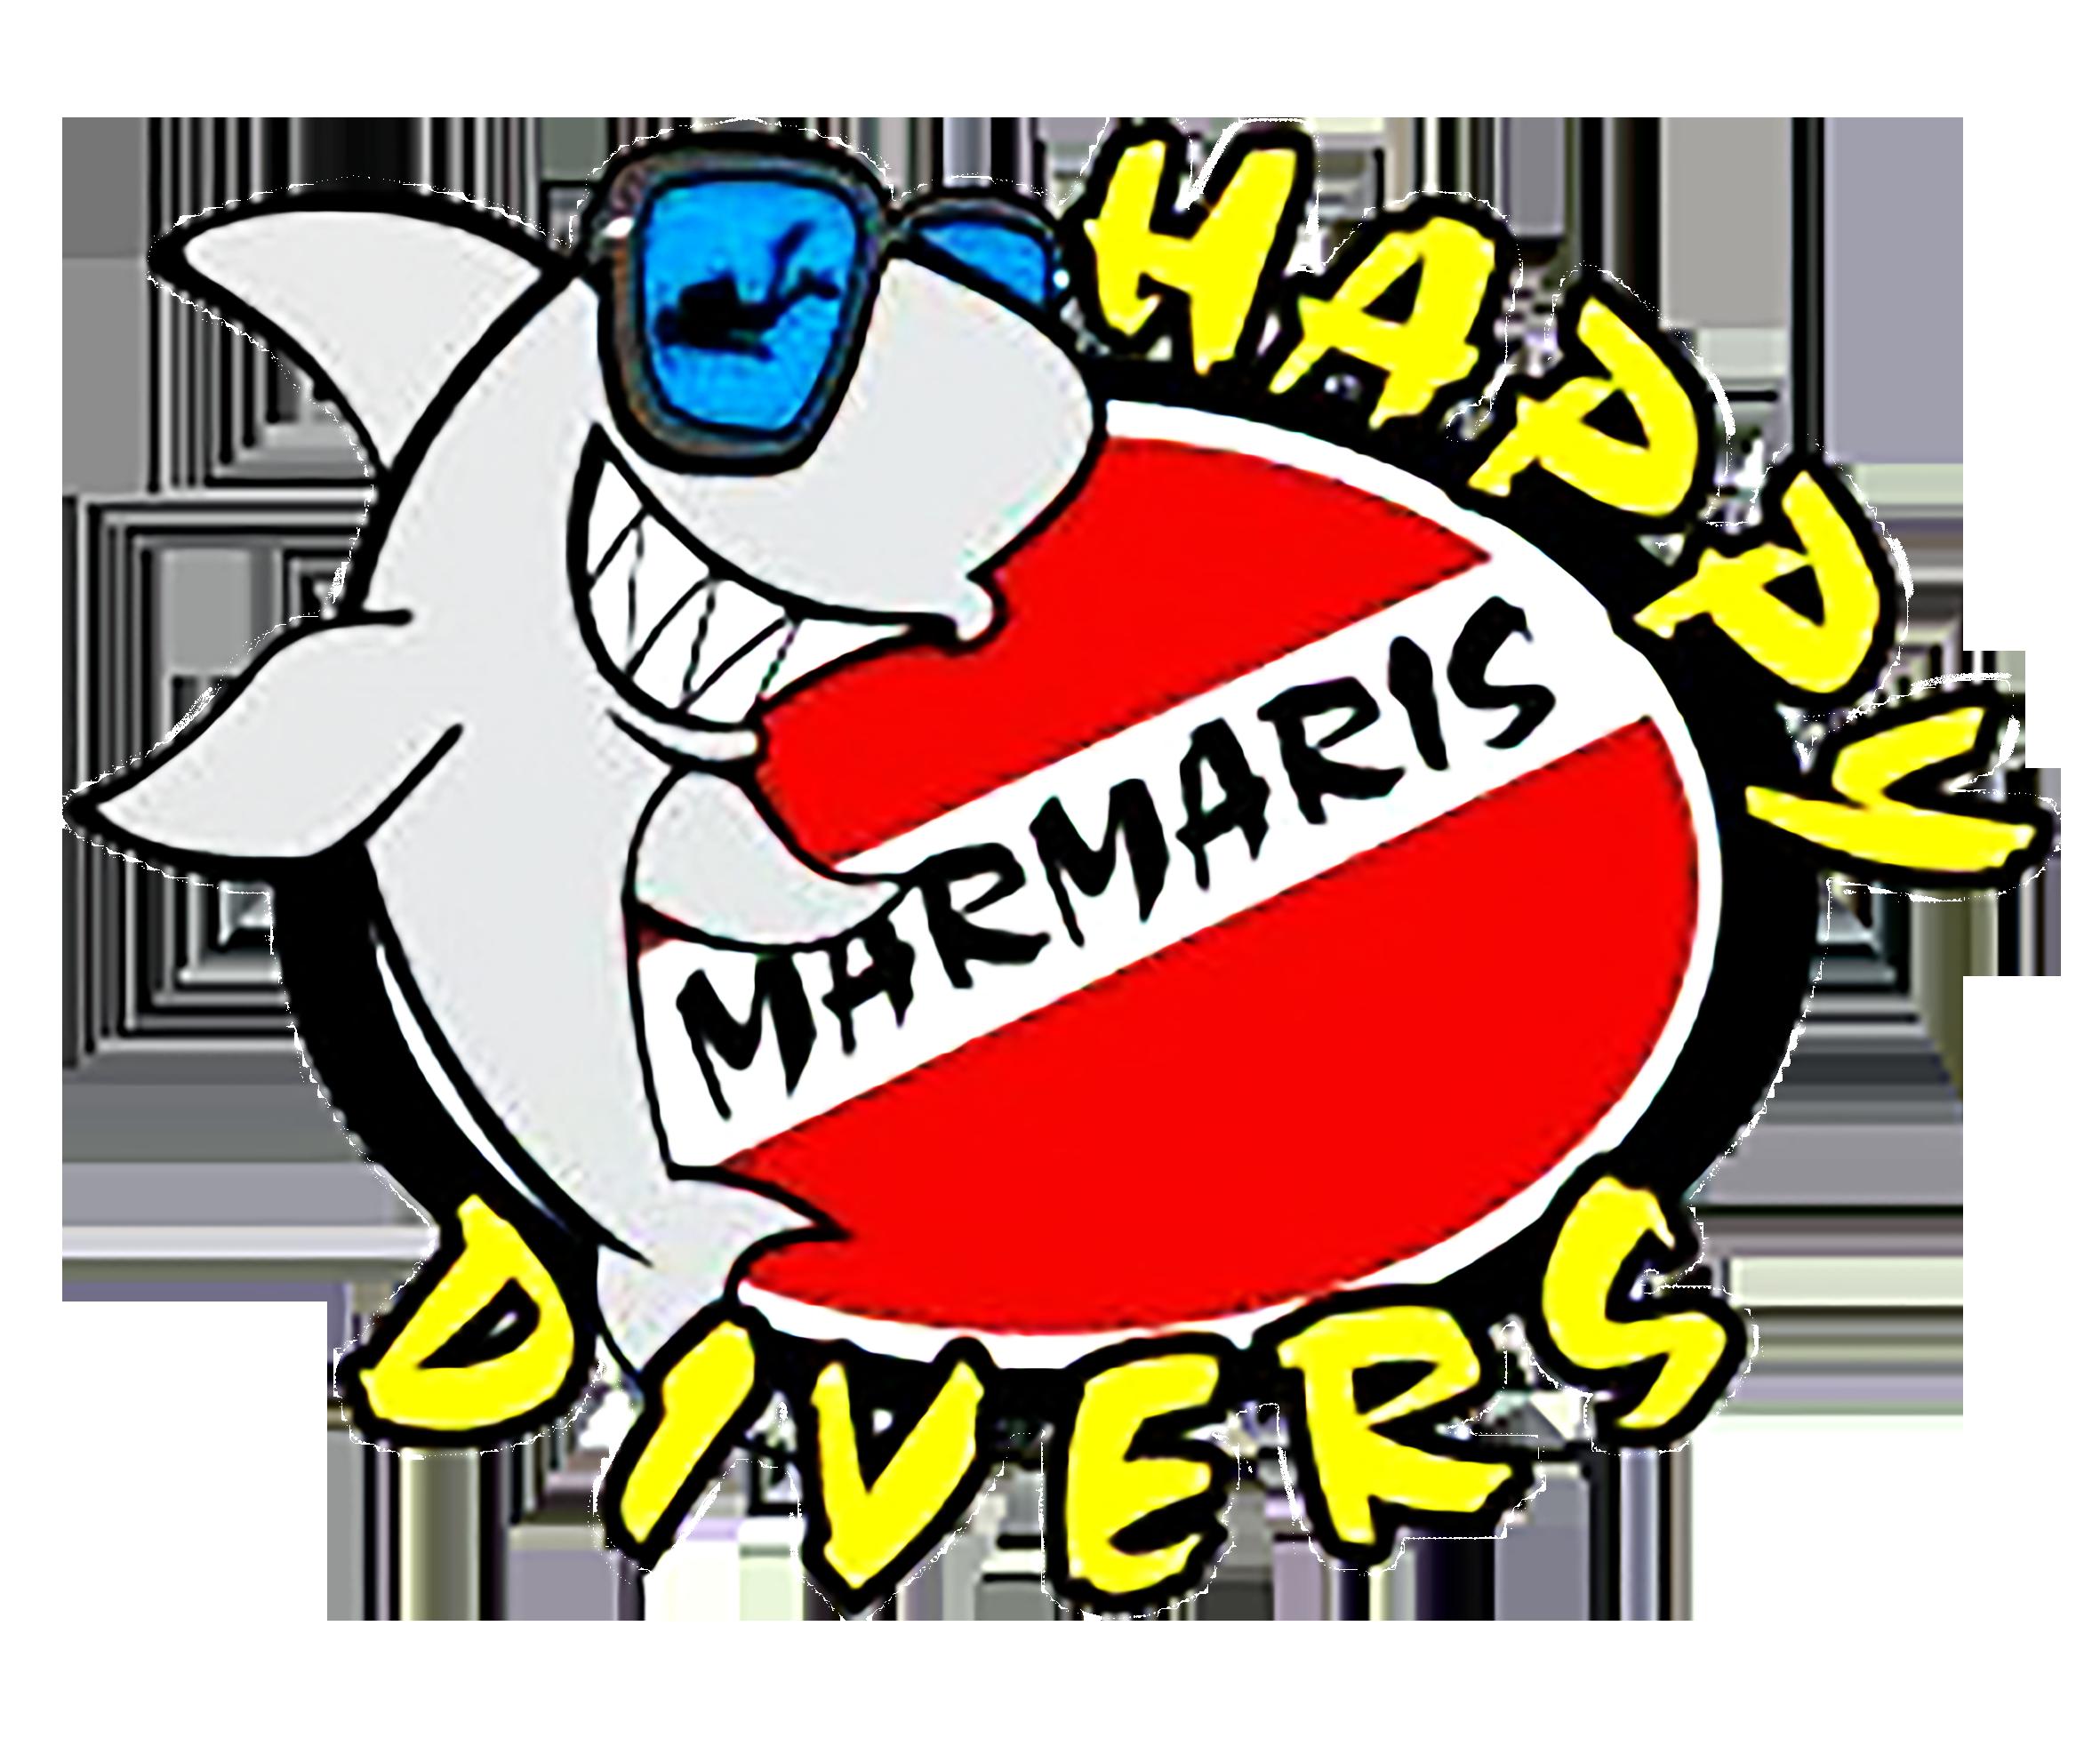 Courses marmaris happy divers. Diving clipart aquatic therapy